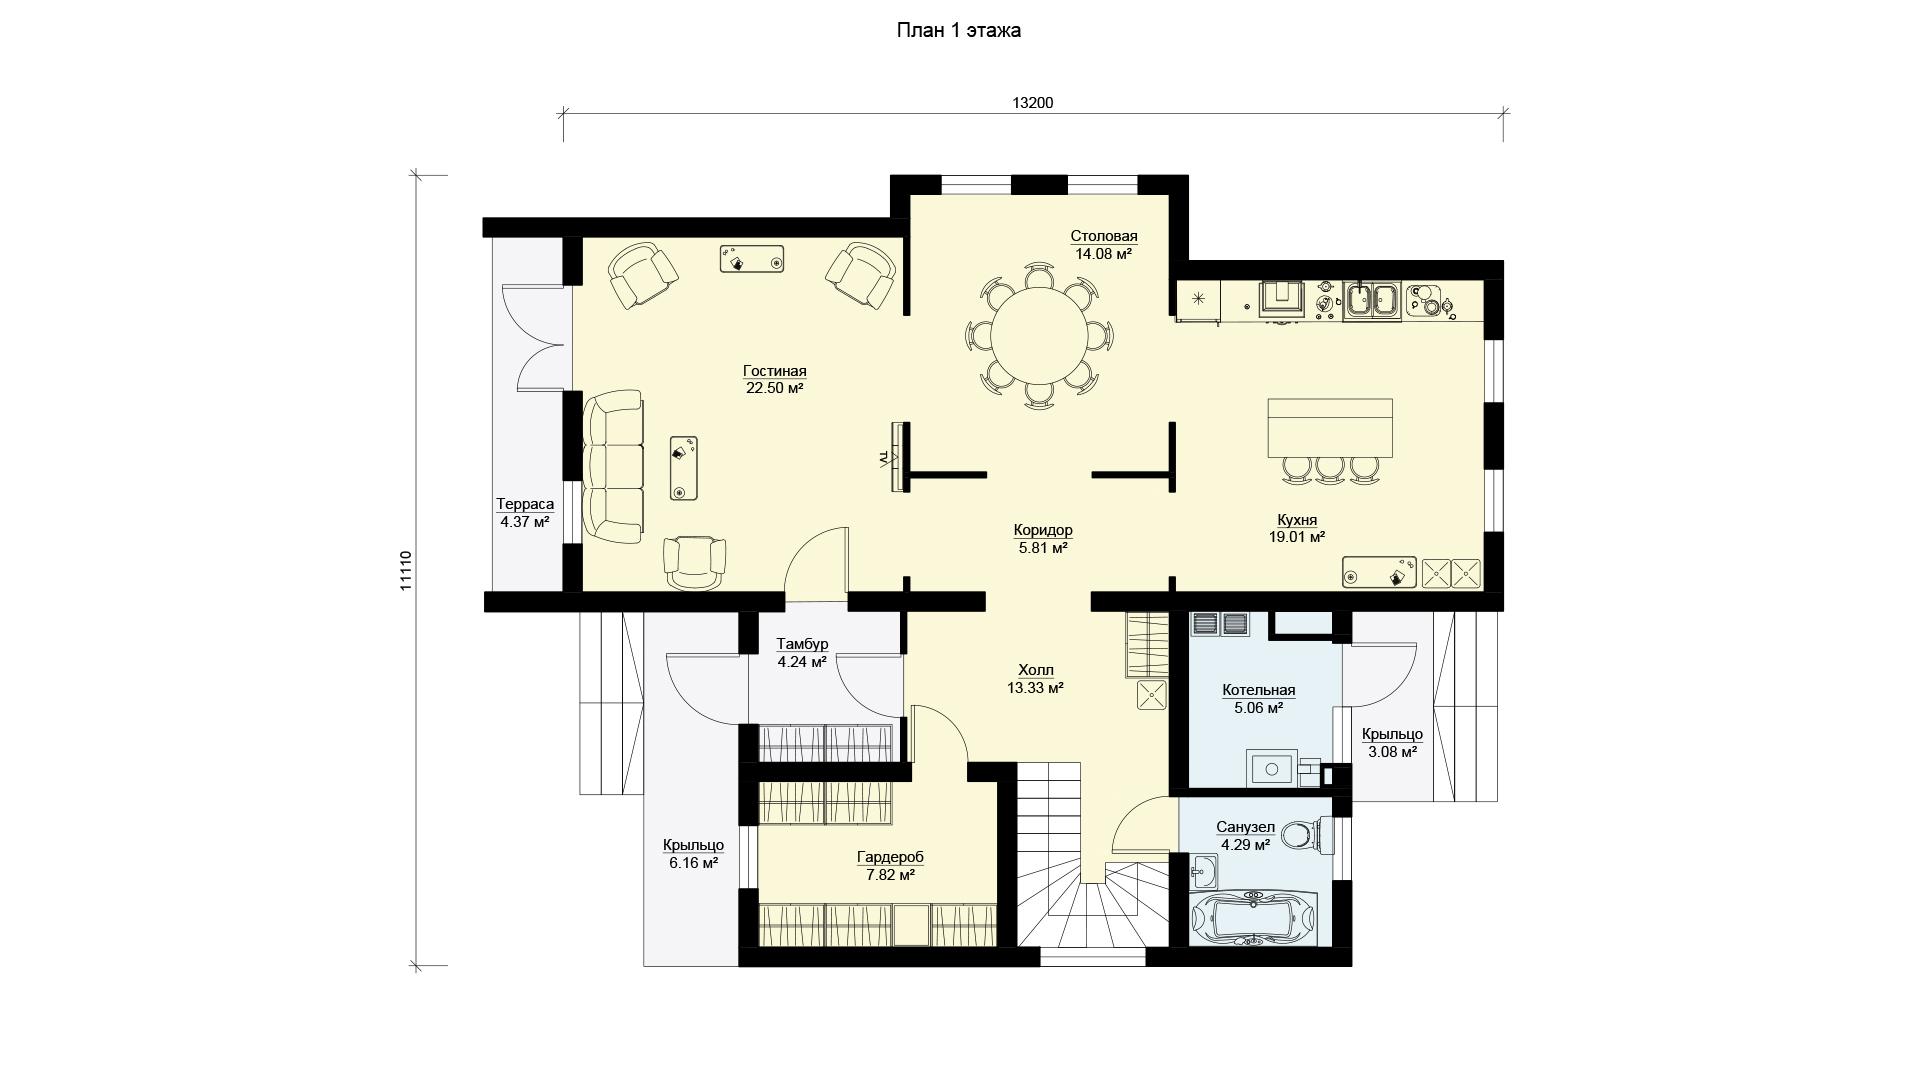 План первого этажа дома в Истринском районе Московской области в коттеджном поселке Берег Песочной.